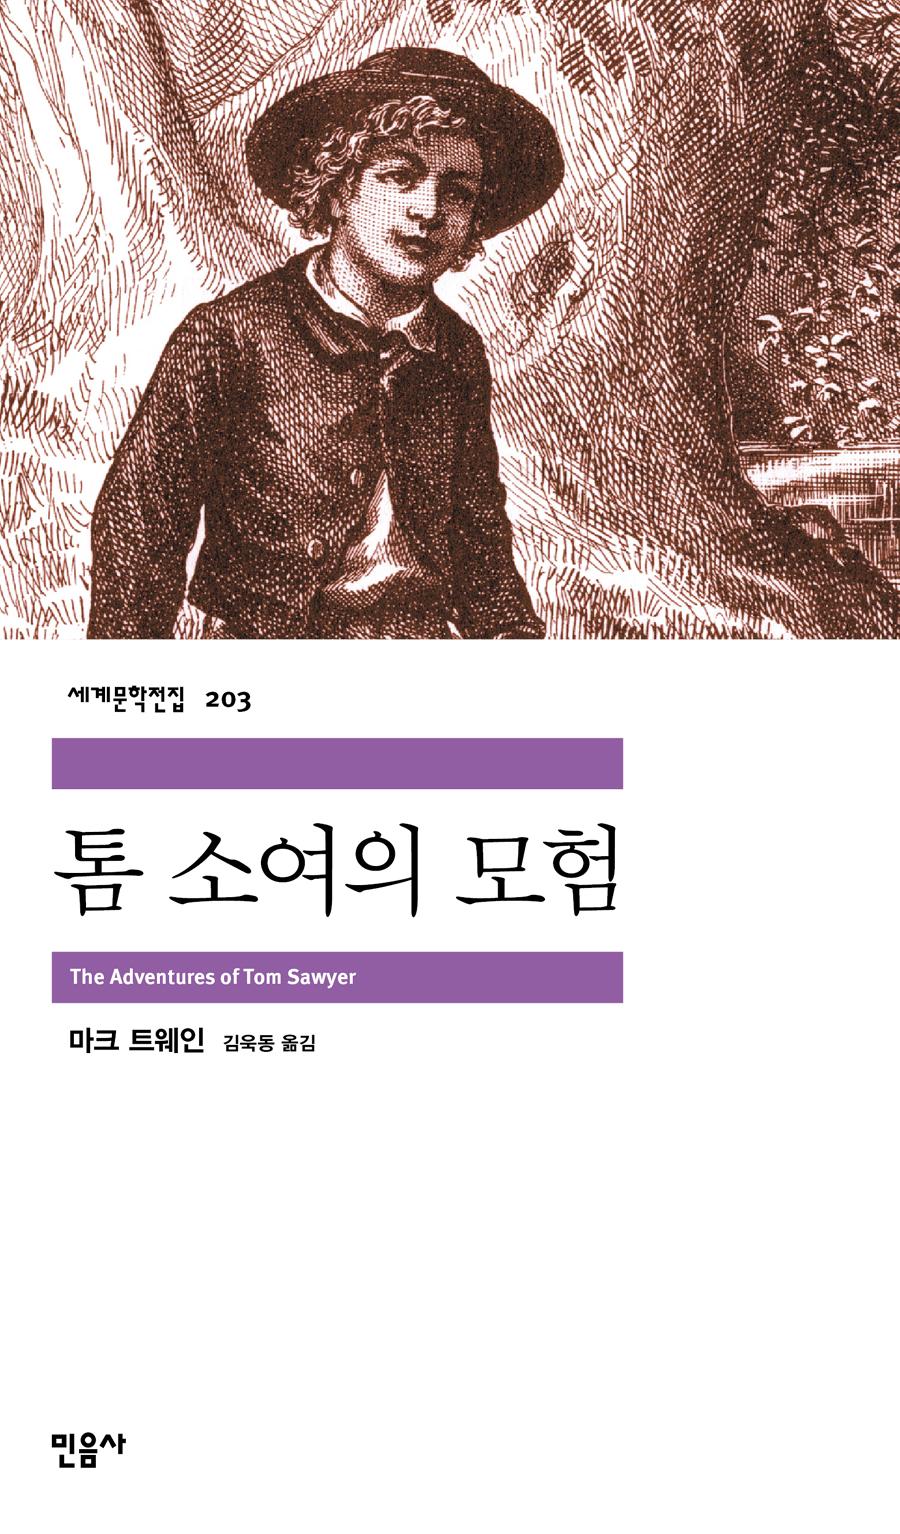 [고전읽기-070] 톰 소여의 모험 (마크 트웨인) 민음사 세계문학 203